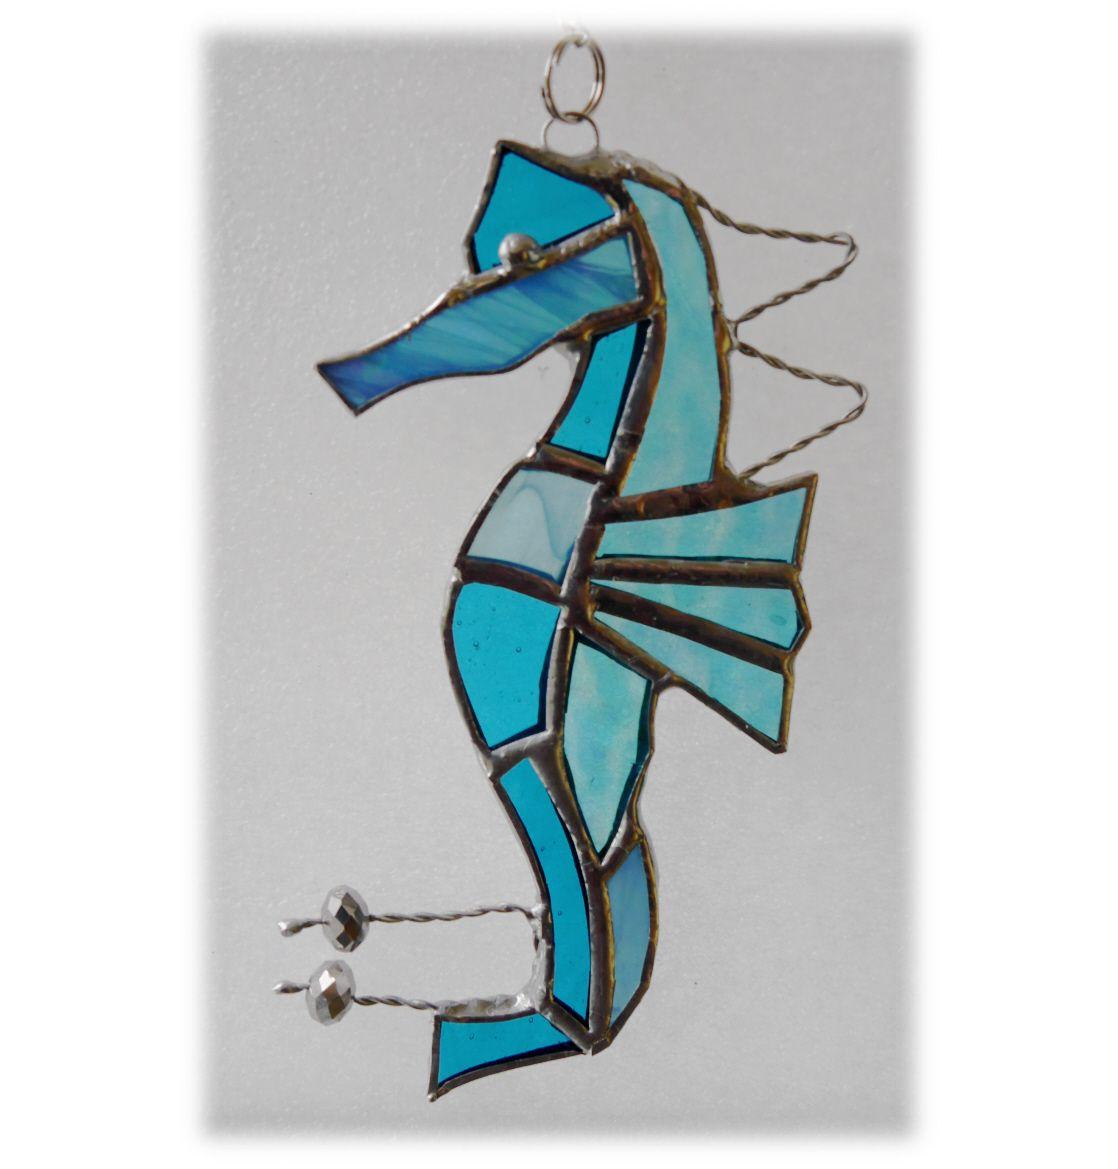 Seahorse 028 Aqua #1804 @MARKETS @181127 @13.00